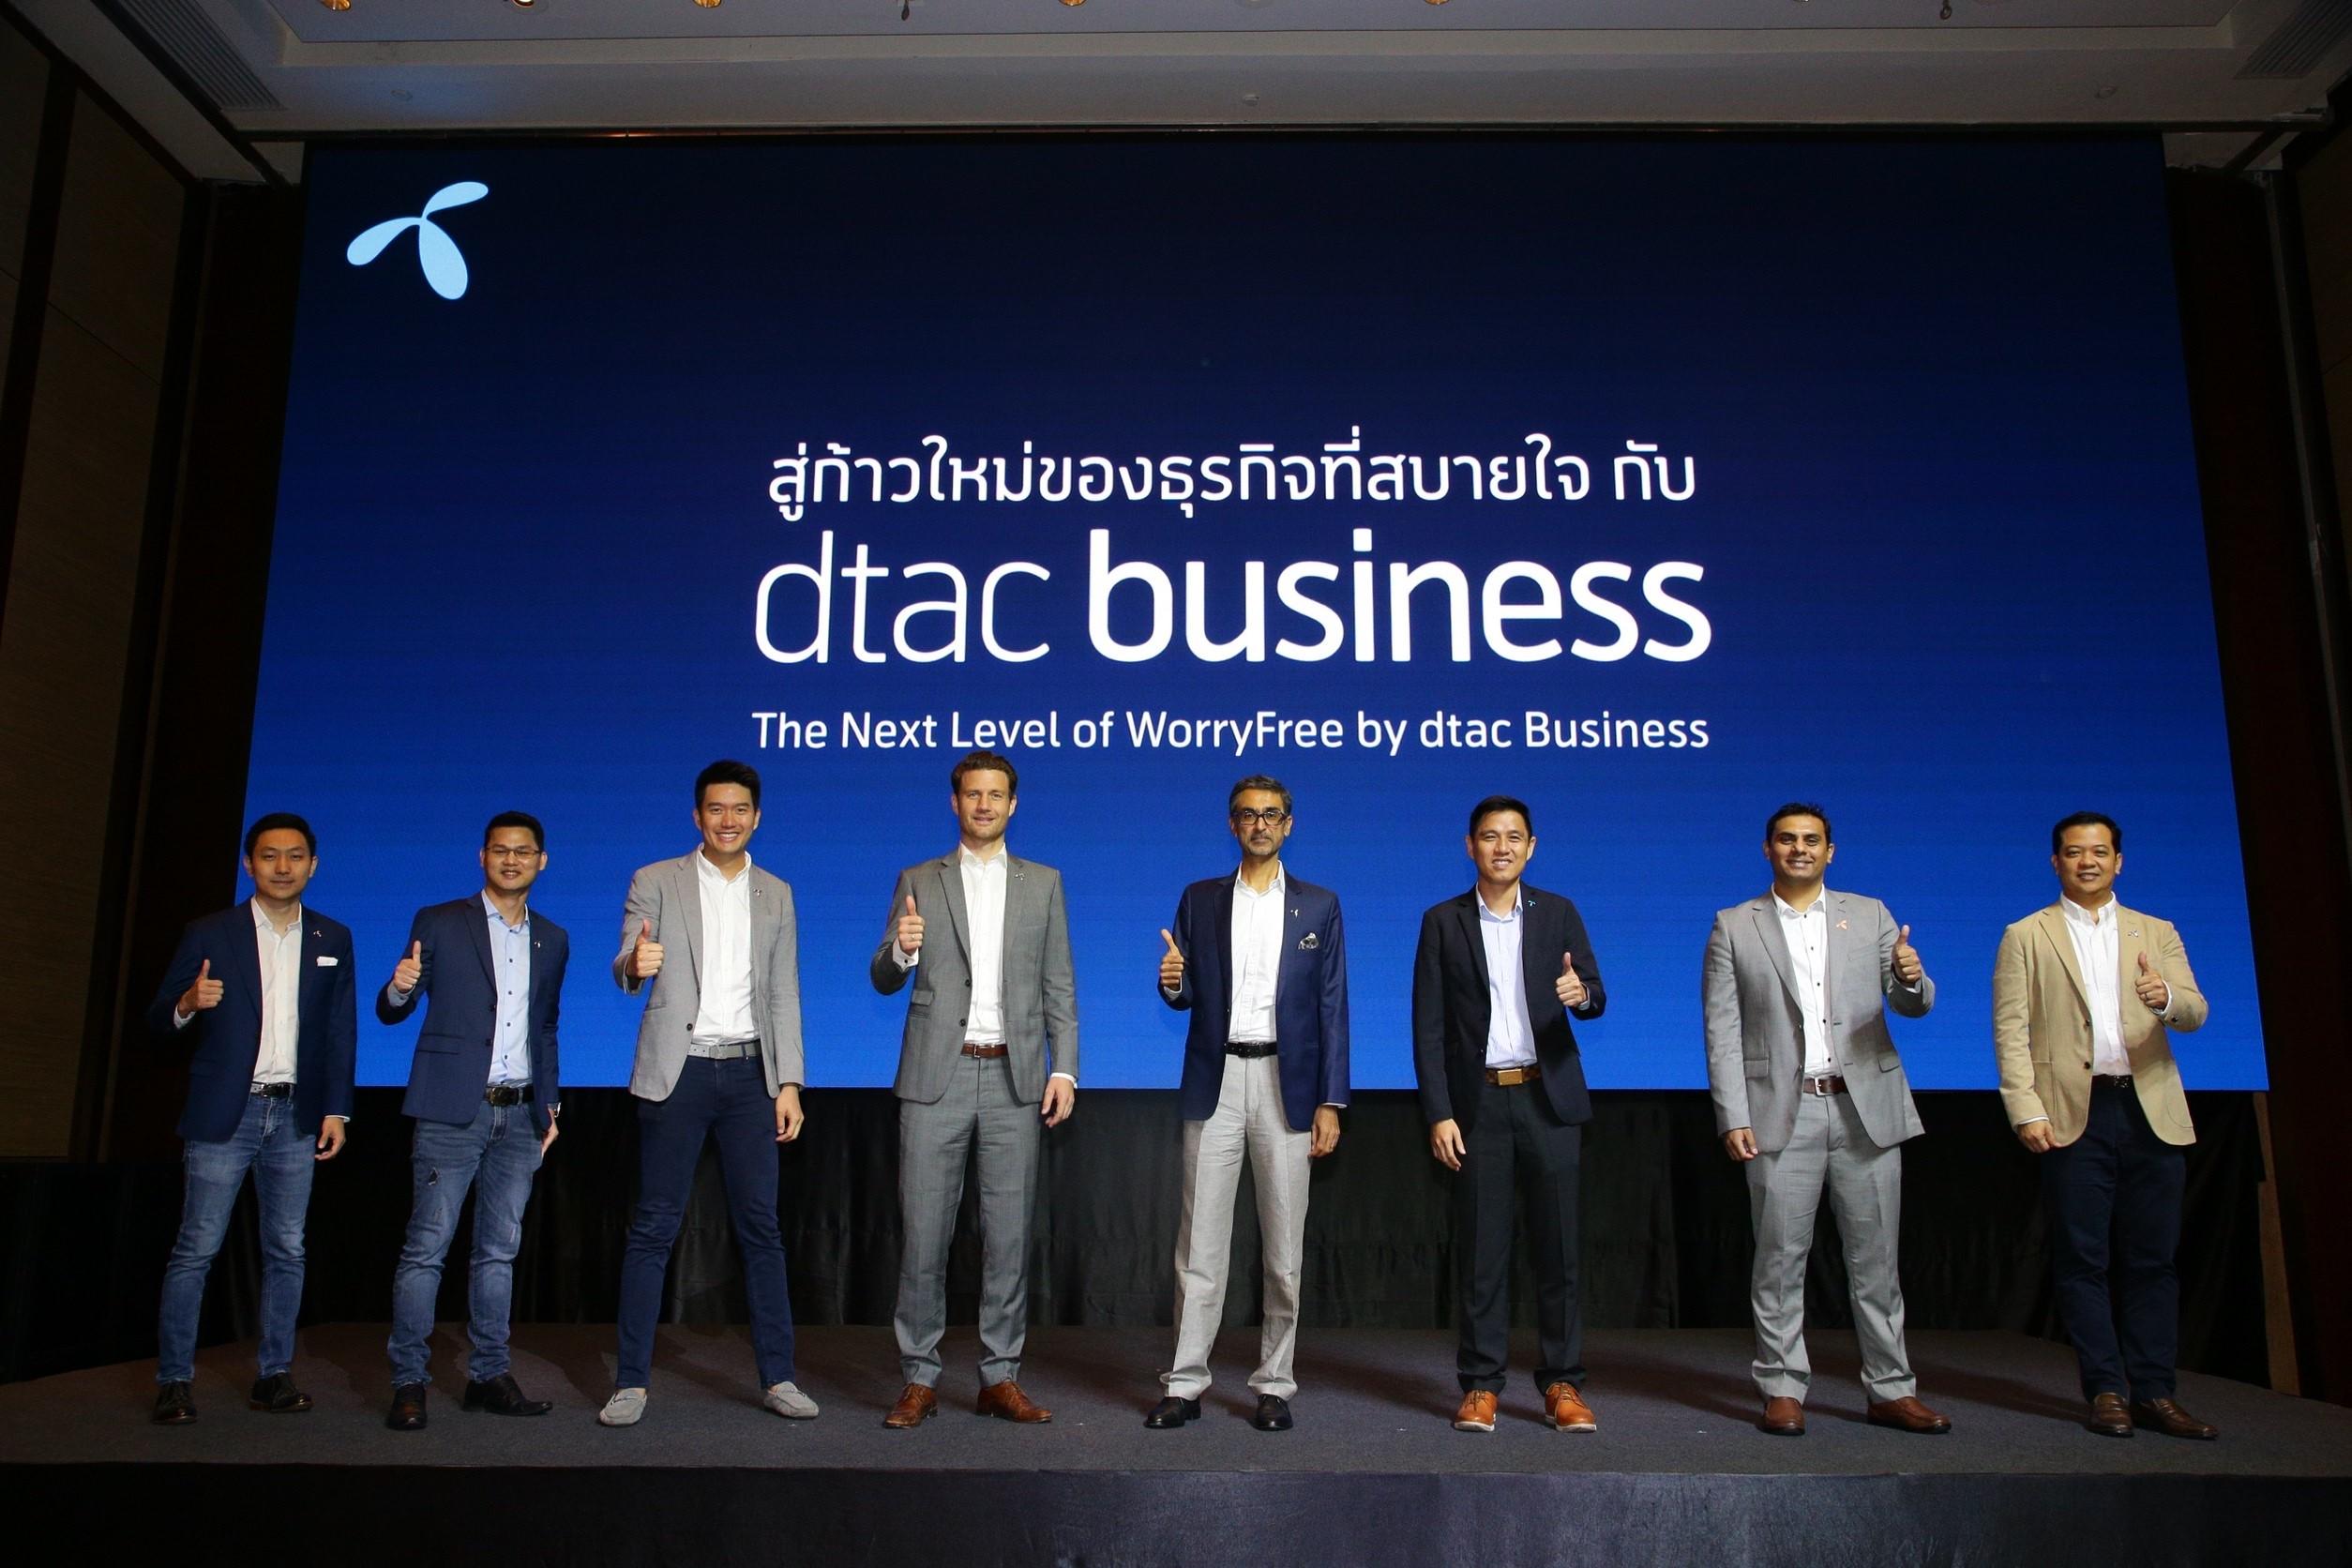 ดีแทคขอสู้ไปกับธุรกิจและ SME ไทย เปิดตัว dtac Business จัดทัพ 3 ฮีโร่โซลูชัน ช่วยผู้ประกอบการทำธุรกิจได้อย่างสบายใจแม้ในสถานการณ์ท้าทาย